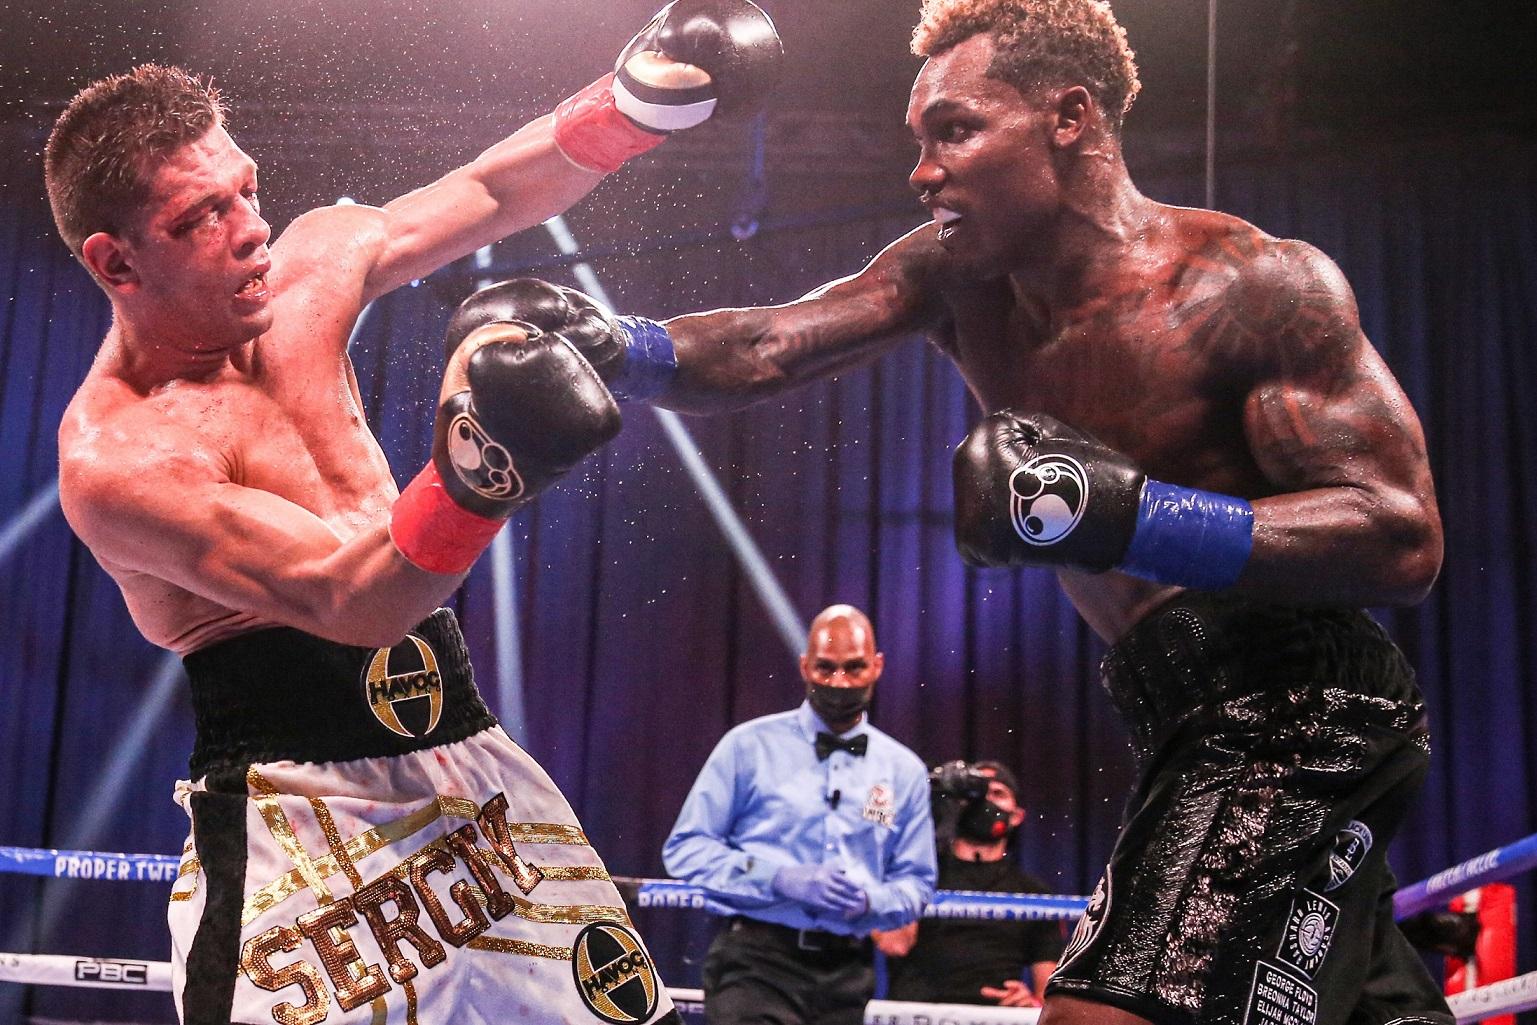 強烈な右で挑戦者を弾き飛ばすチャーロ兄(右)(Leo Wilson/Premier Boxing Champions)